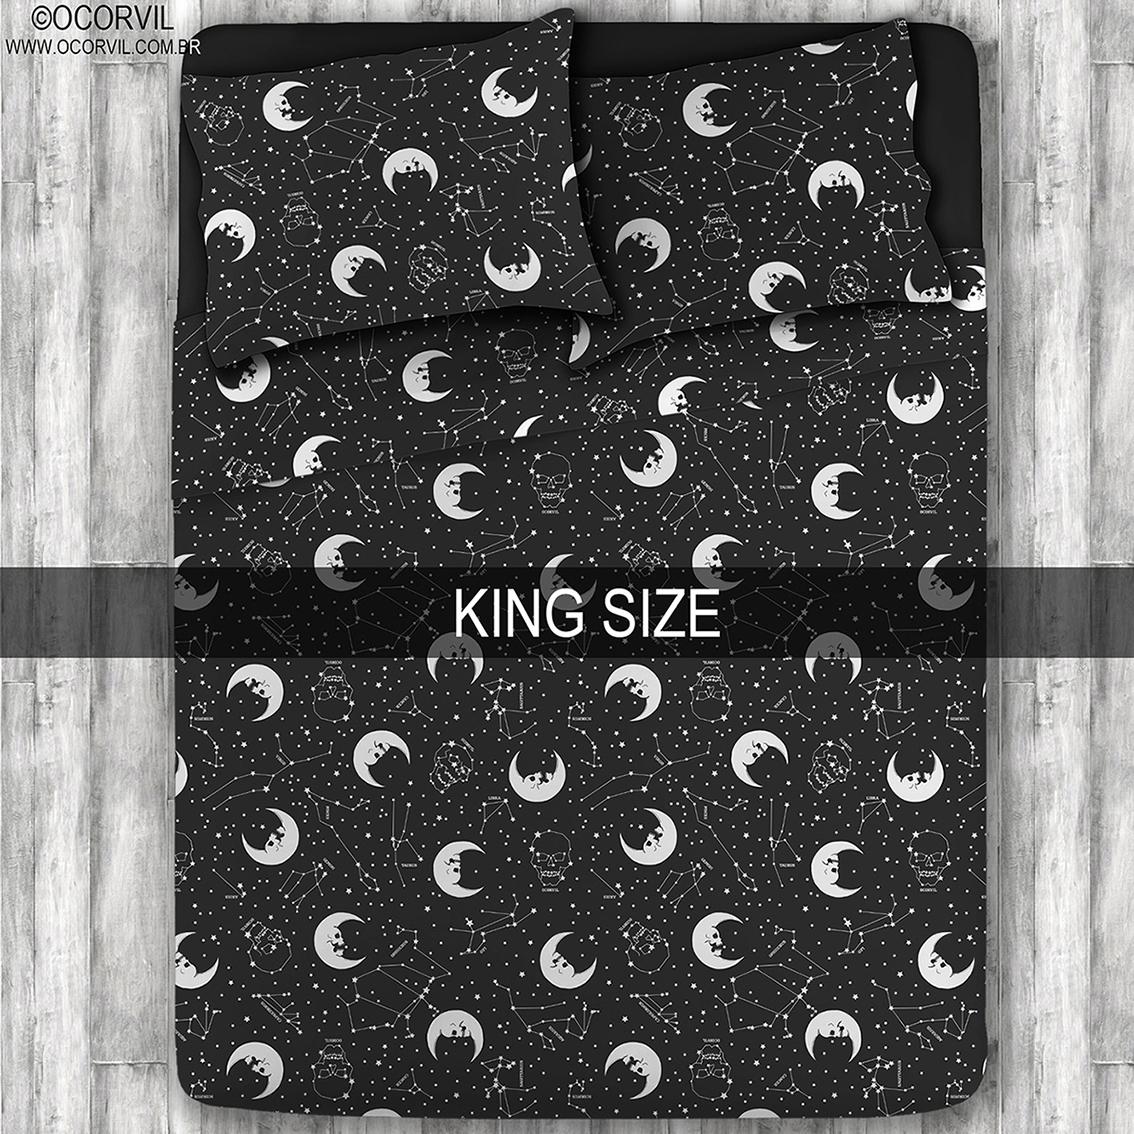 Jogo De Lençol De Lua Caveira E Estrelas King